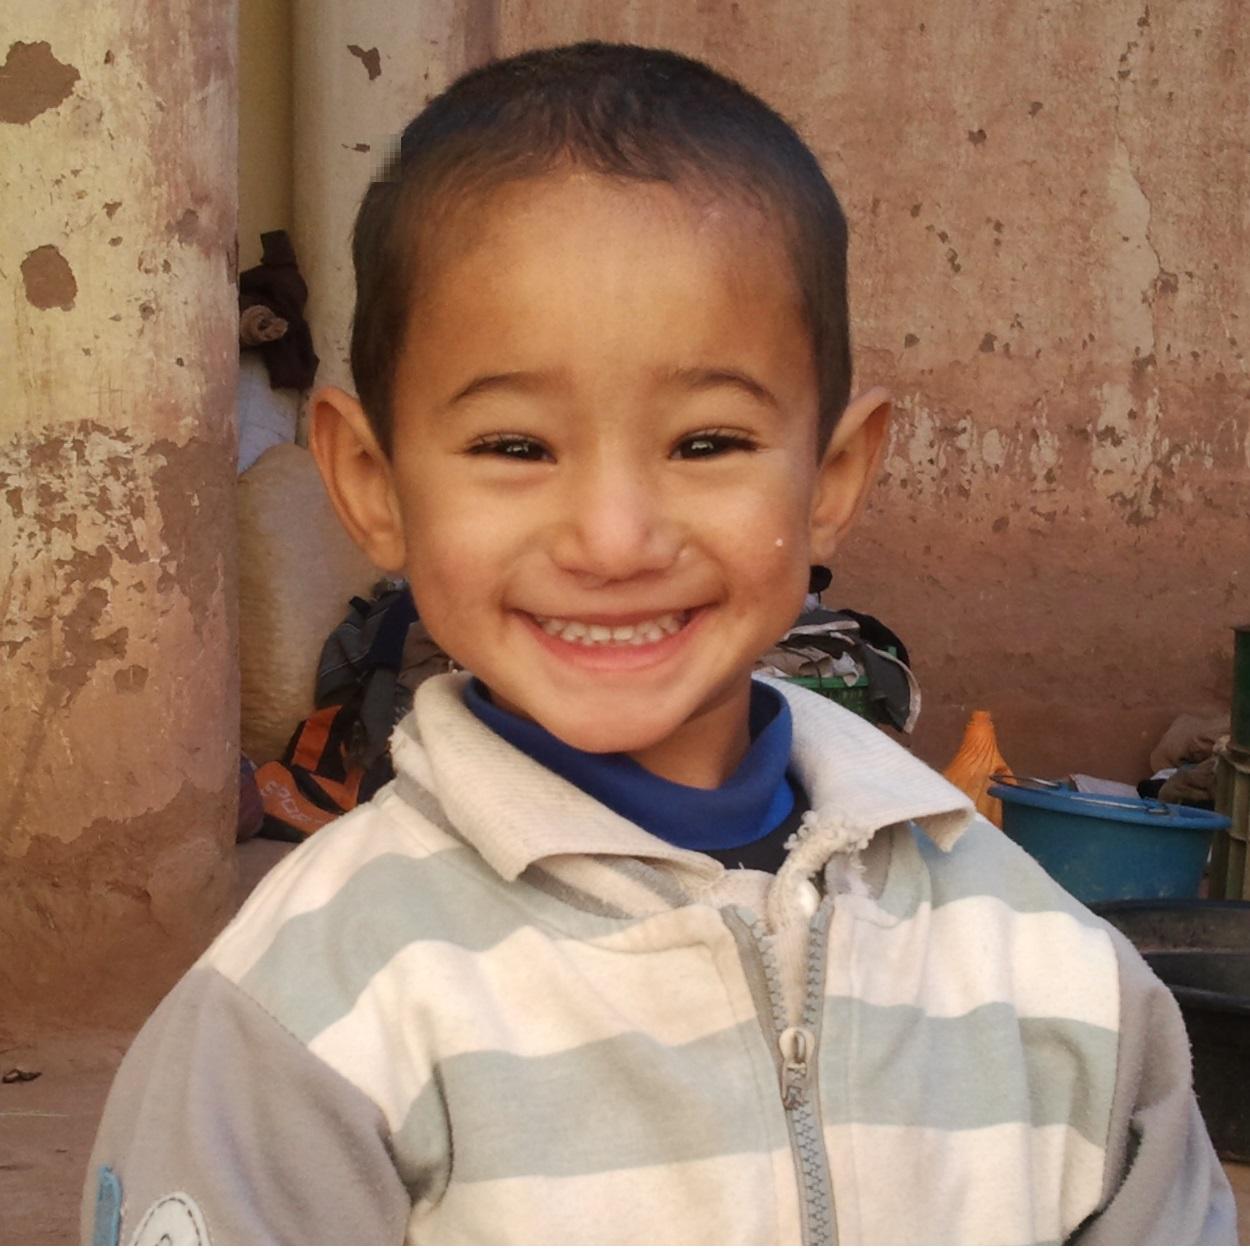 البحث عن طفل مختف من دوار تفراوت – جماعة بني زولي- زاكورة